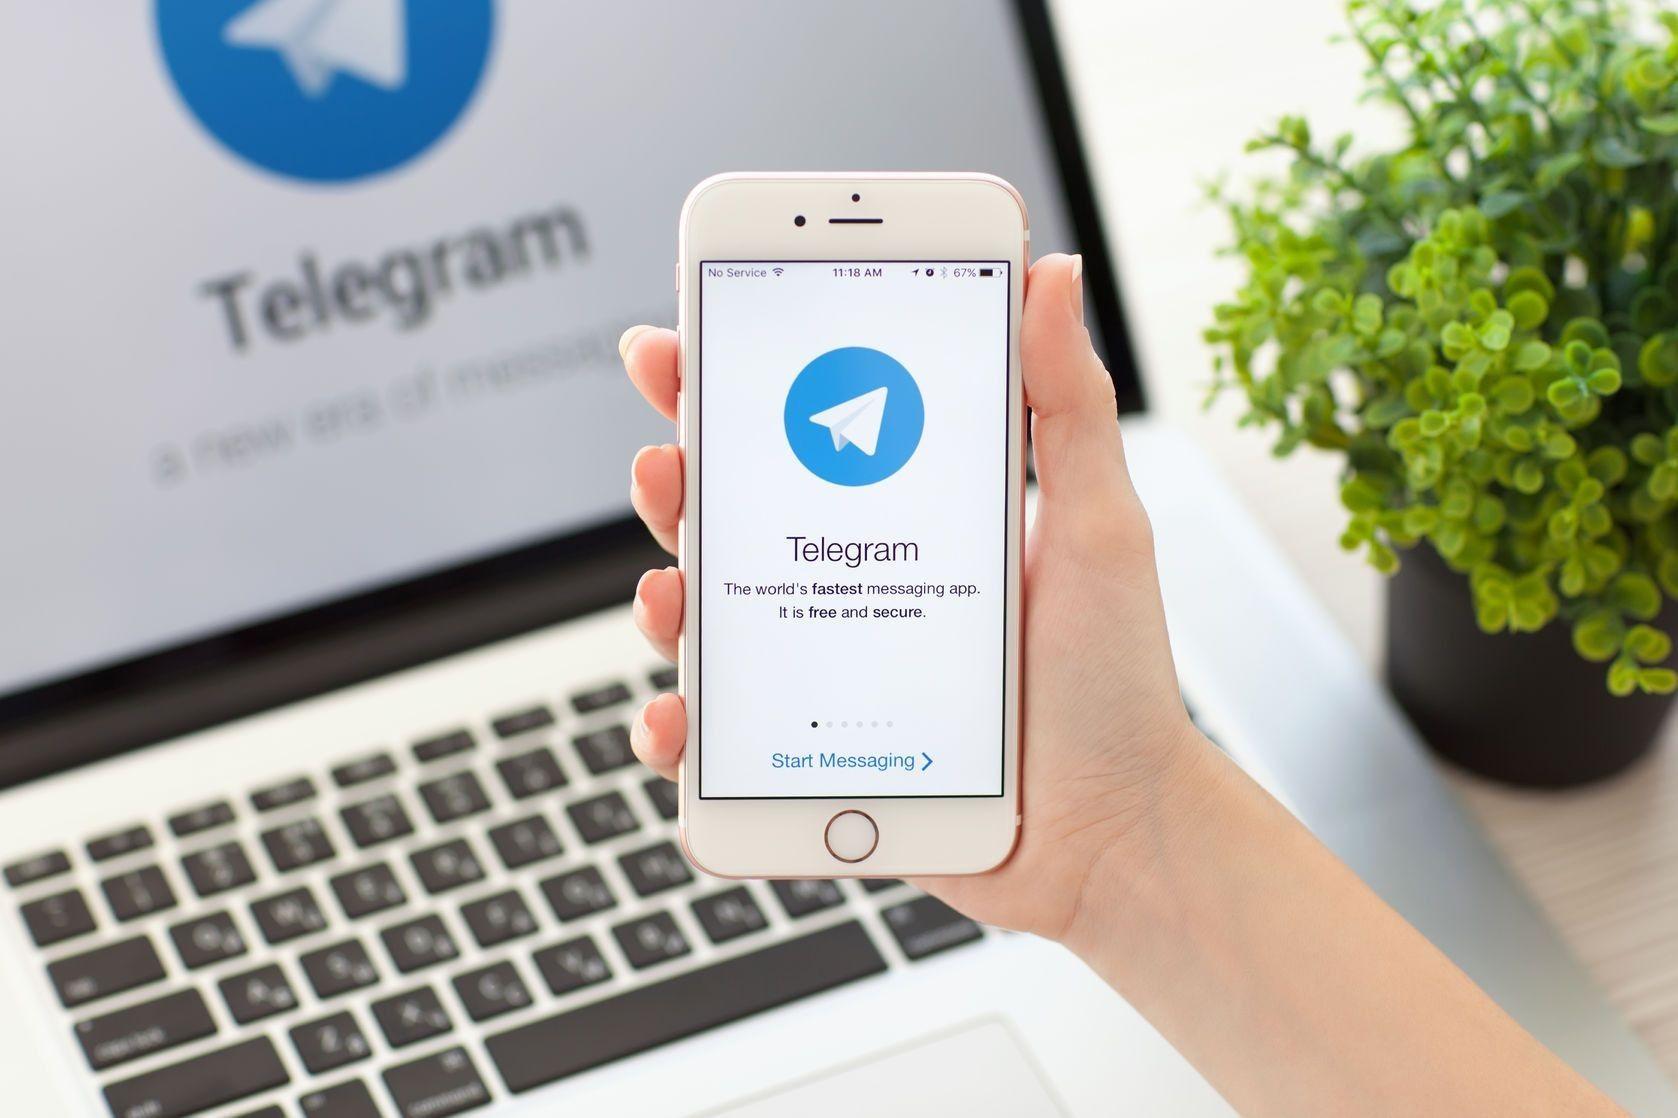 Юзеры Telegram столкнулись с неувязками вработе мессенджера